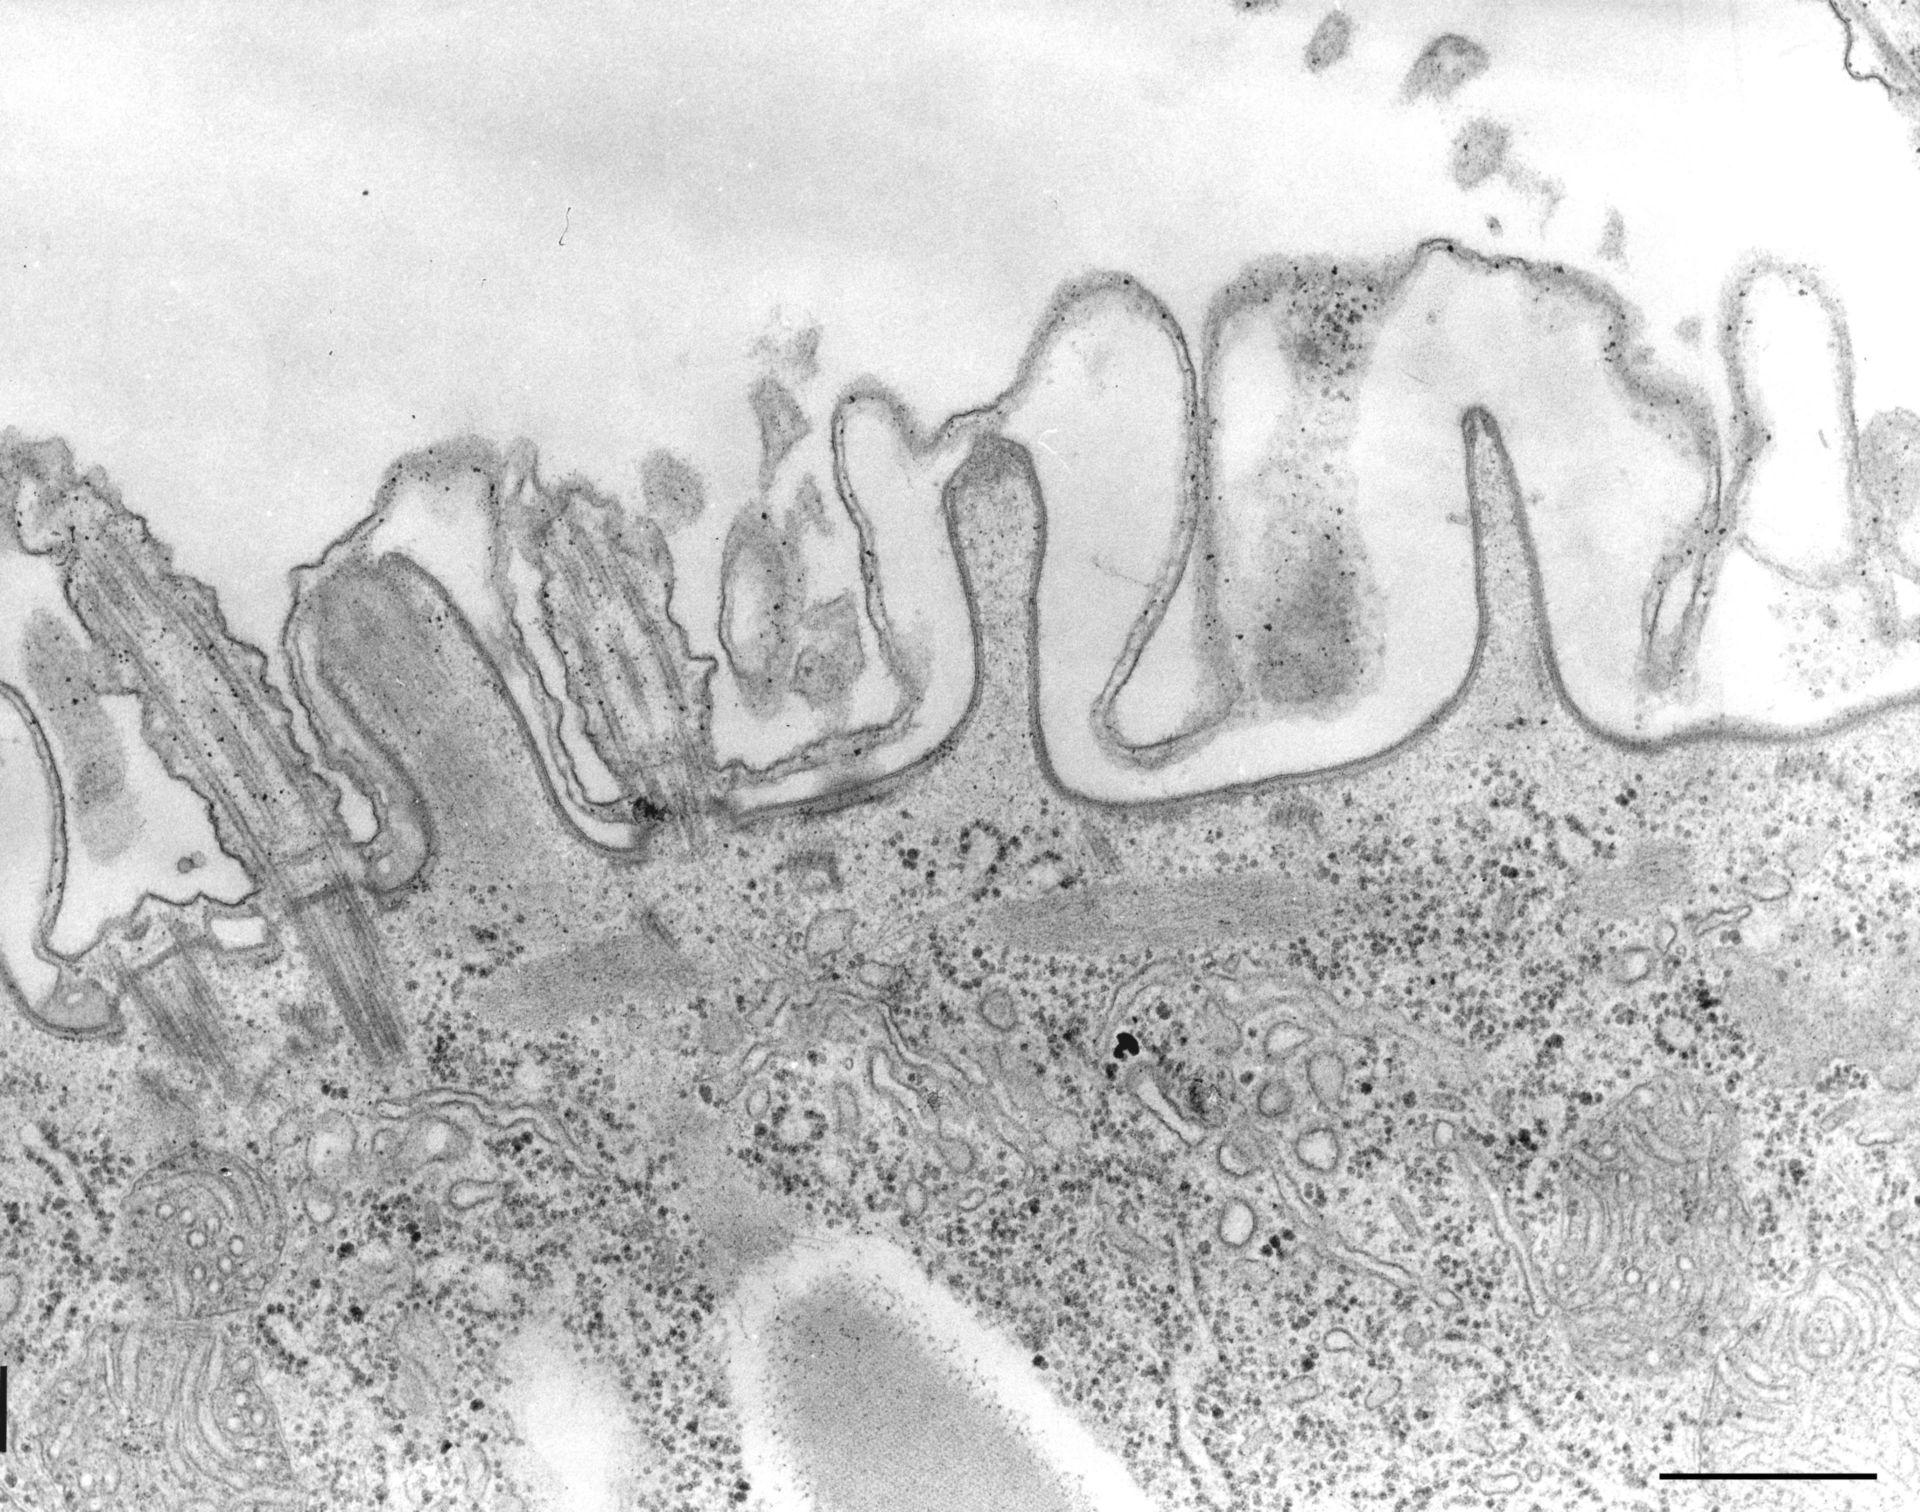 Paramecium caudatum (Early endosome) - CIL:36767